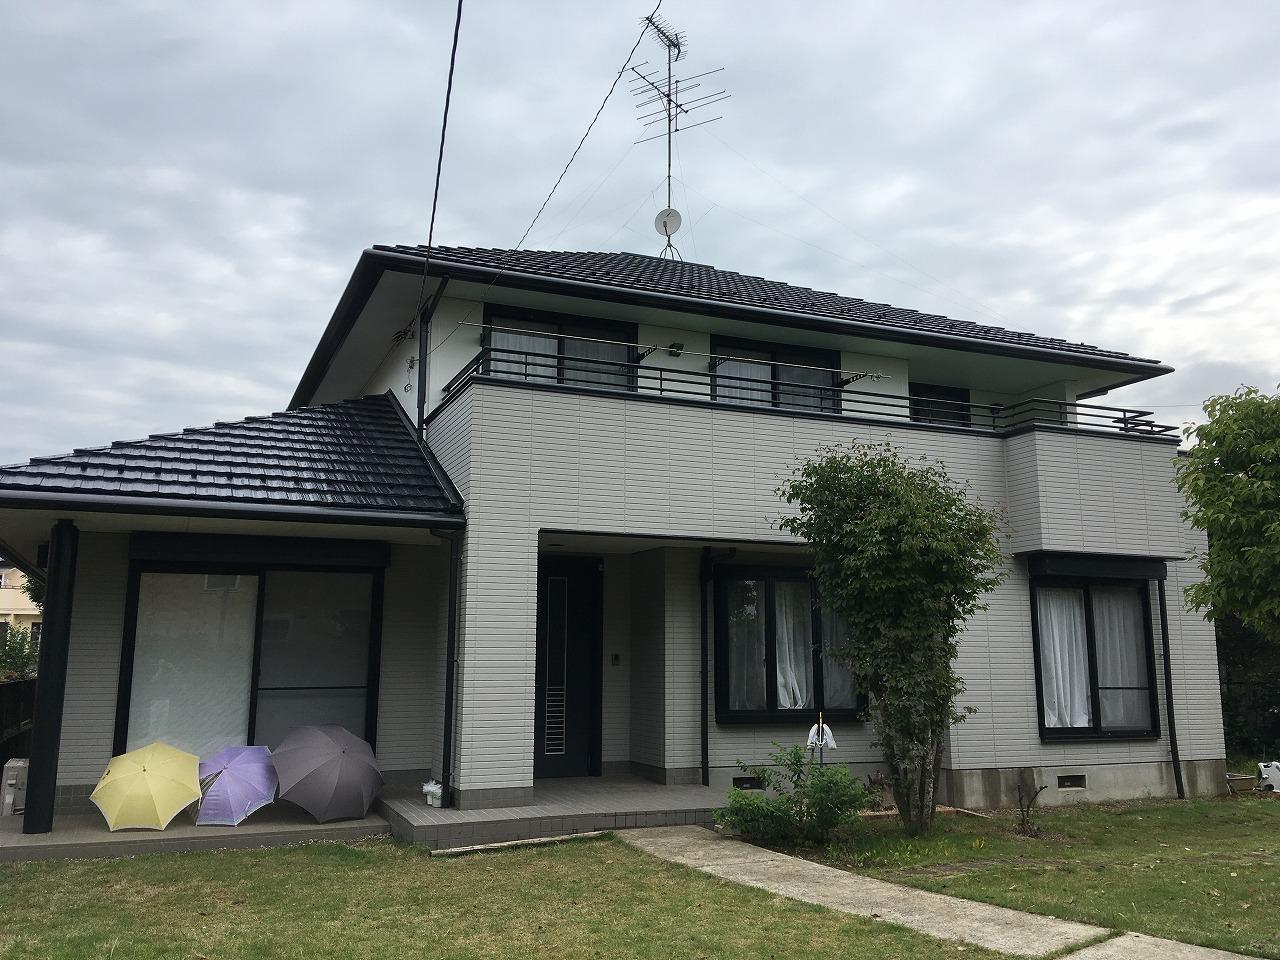 千葉県印西市O様邸 外壁塗装・屋根塗装工事が完成しました!